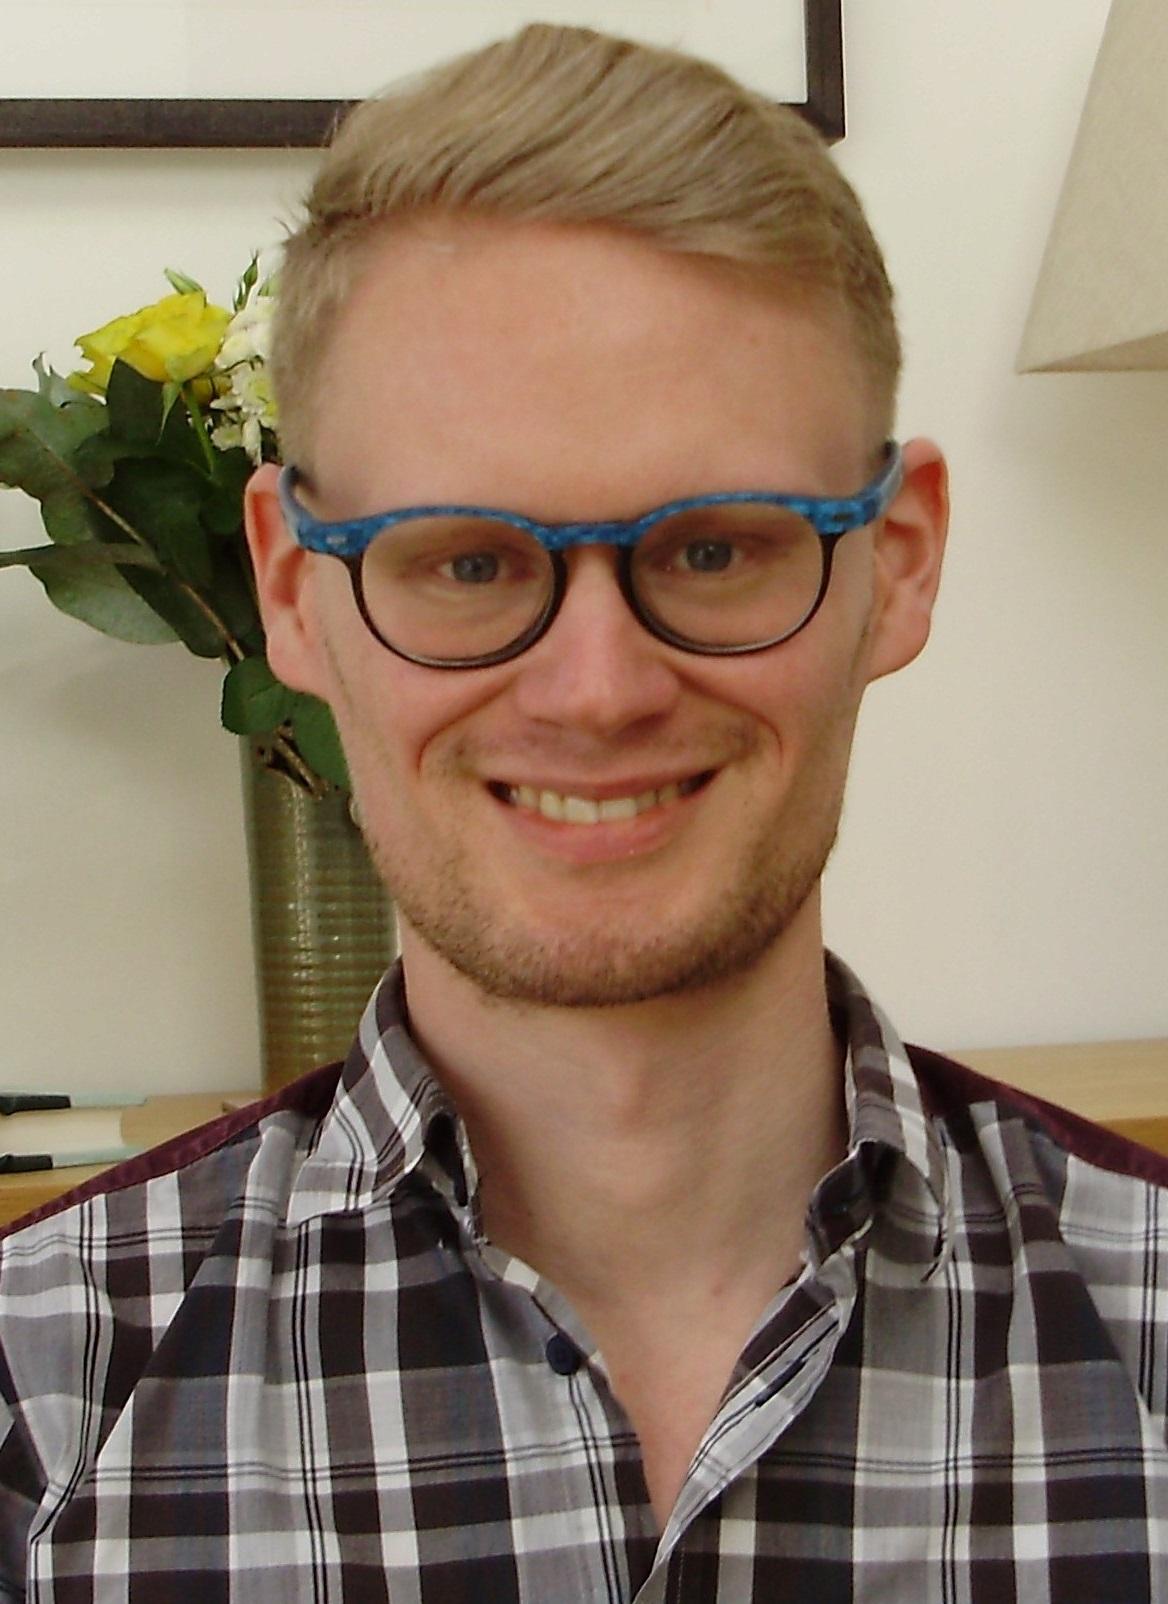 Daniel Calvert | EDITOR